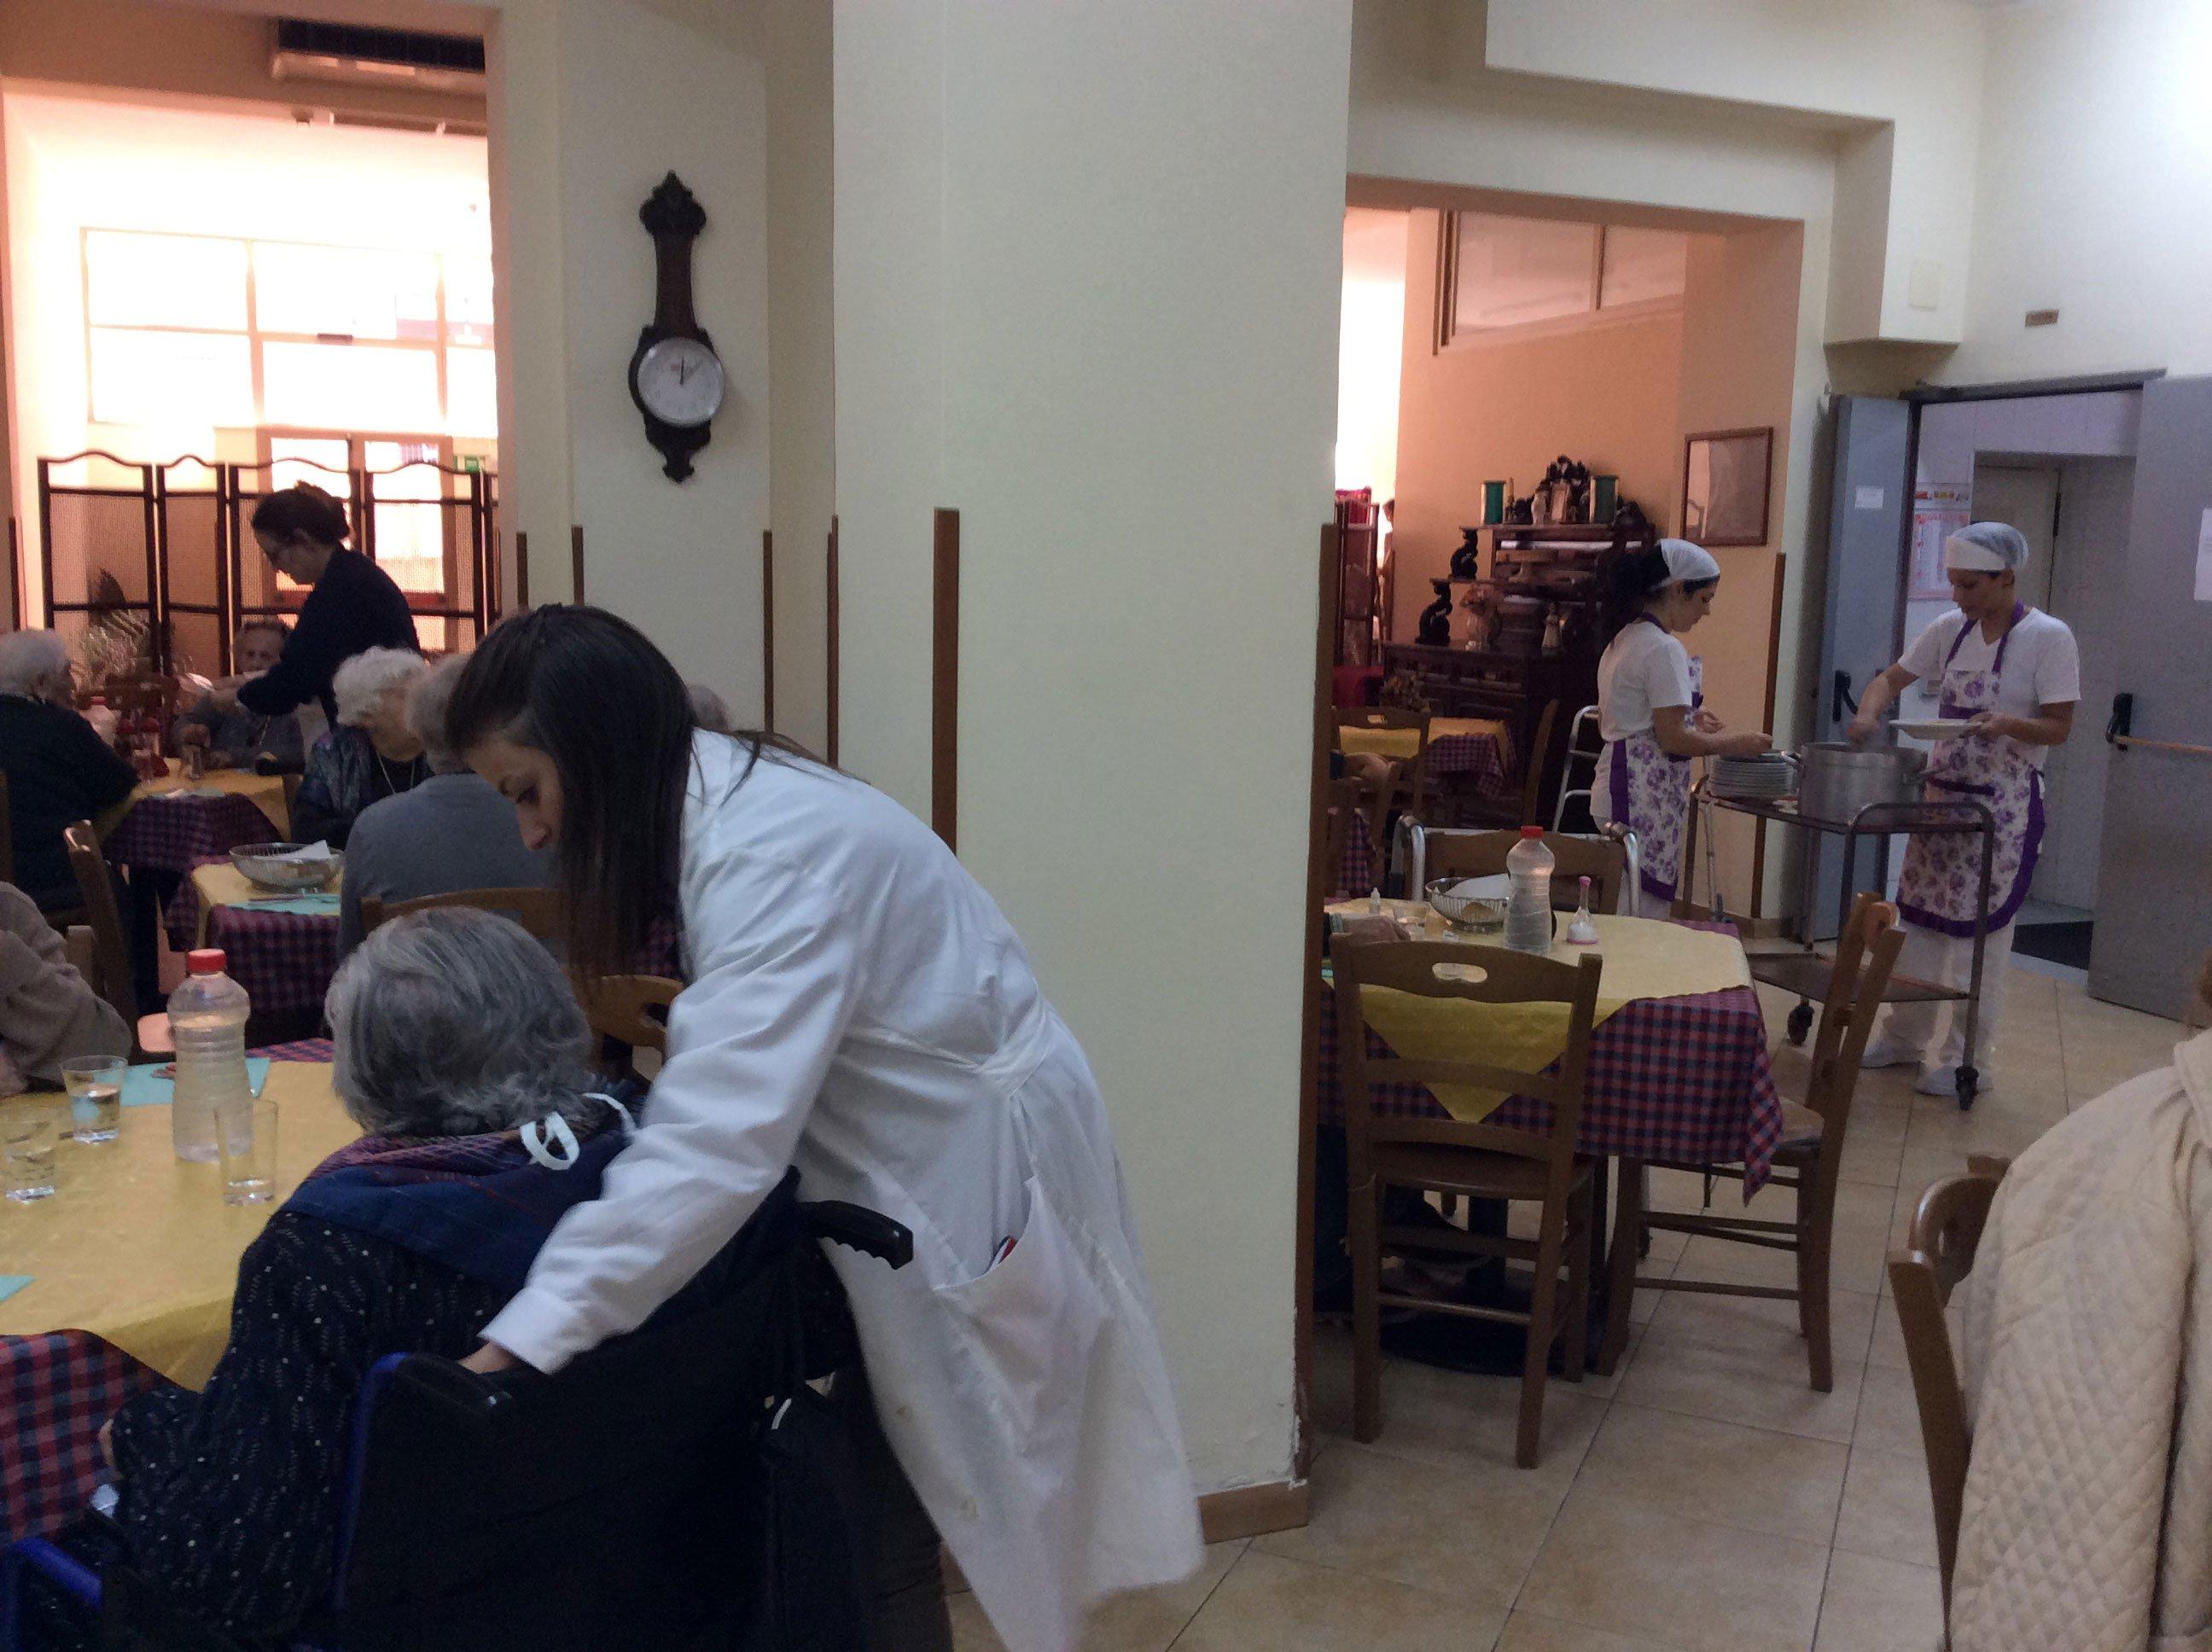 un' infermiera sta aiutando una donna sulla carrozzina a rotelle seduta al tavolo in una mensa di una casa di cura e in fondo si vedono degli addetti con un carrello che stanno riempiendo i piatti